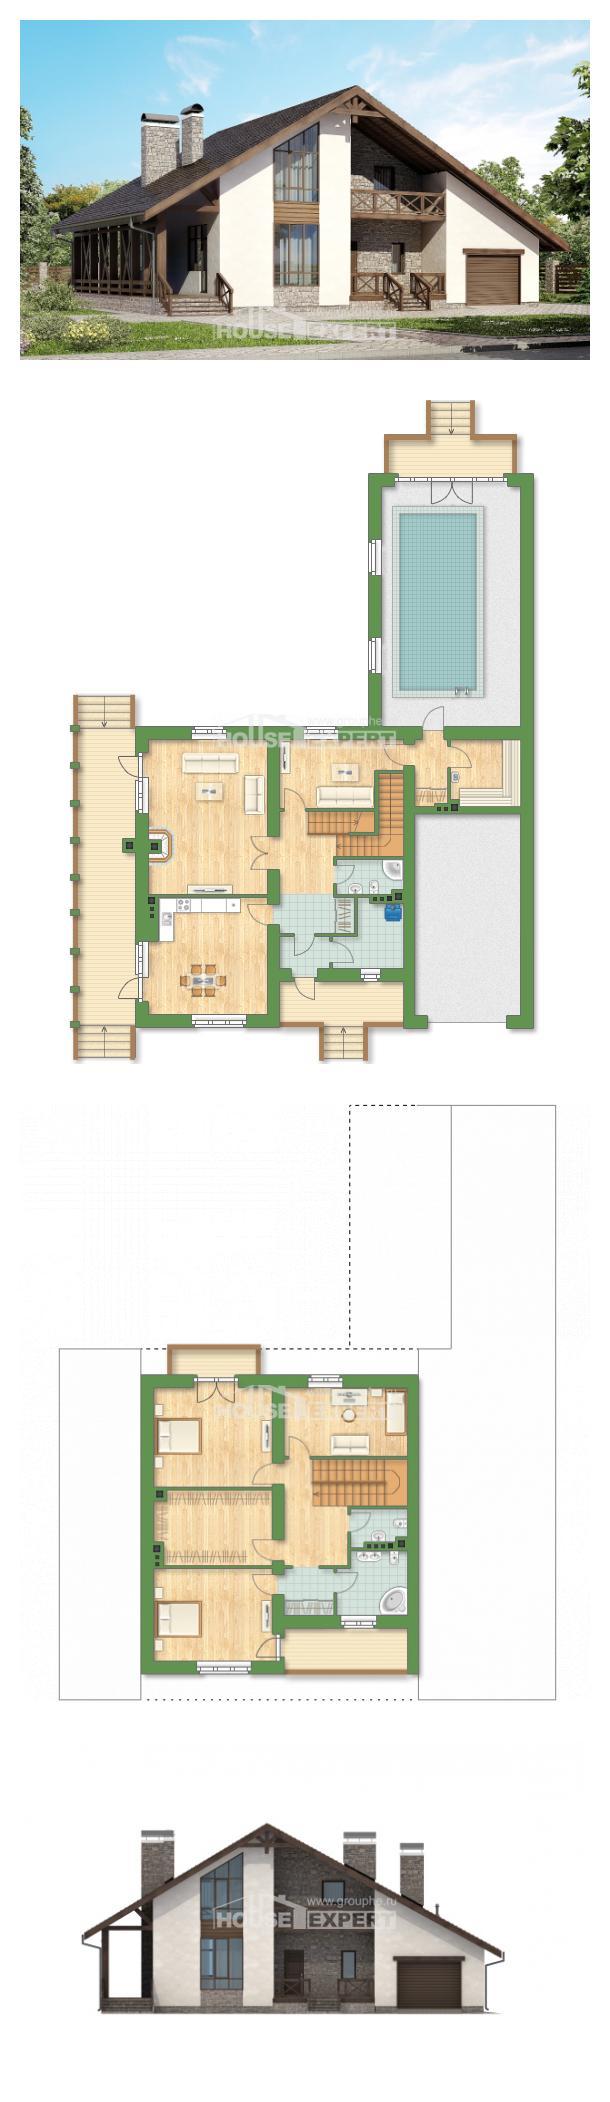 Plan 265-001-R | House Expert